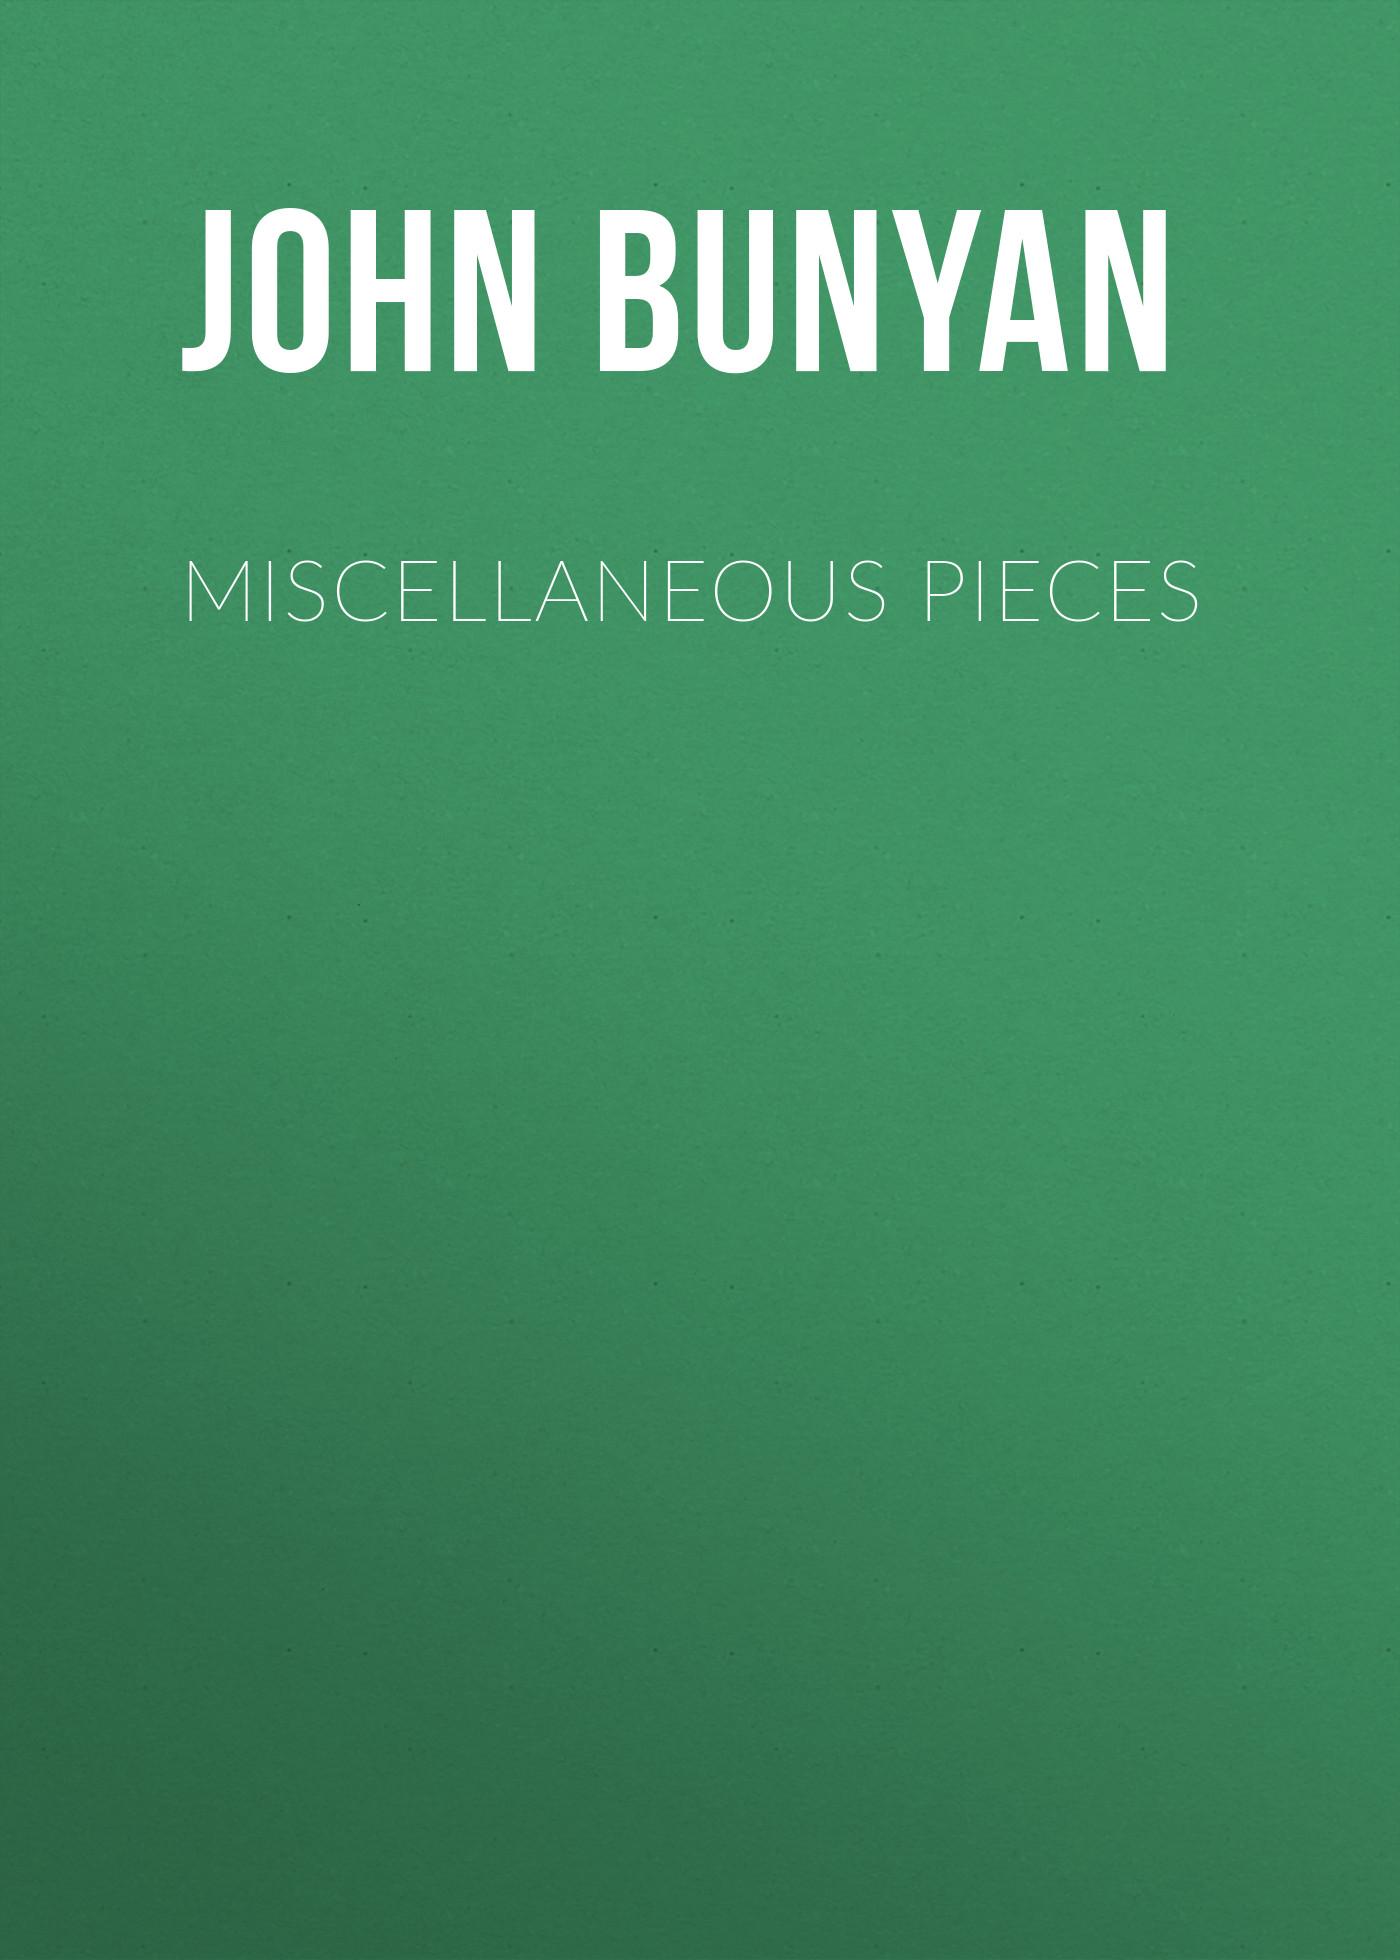 John Bunyan Miscellaneous Pieces